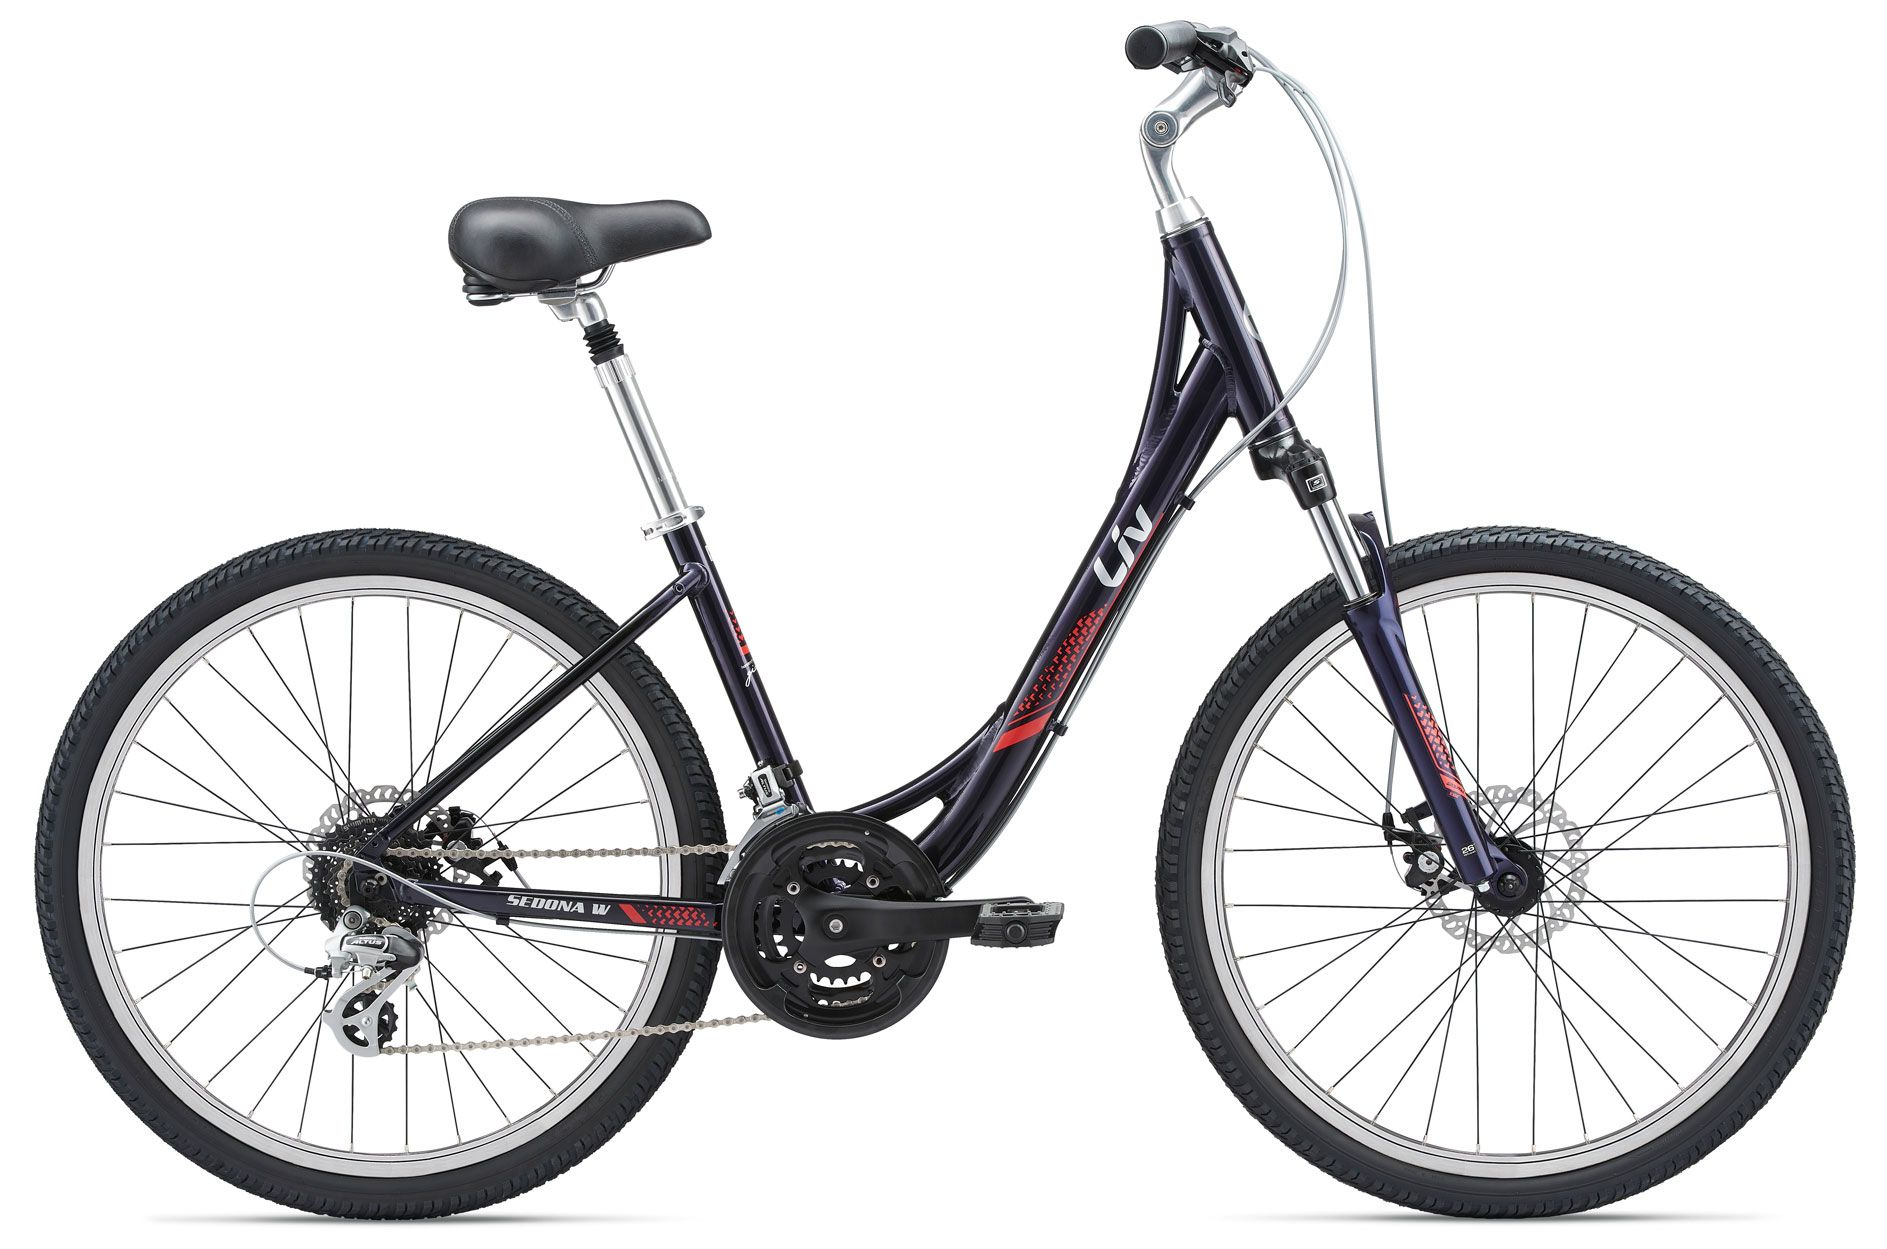 Велосипед Giant Sedona DX W 2018 велосипед giant adore f w 12 2015